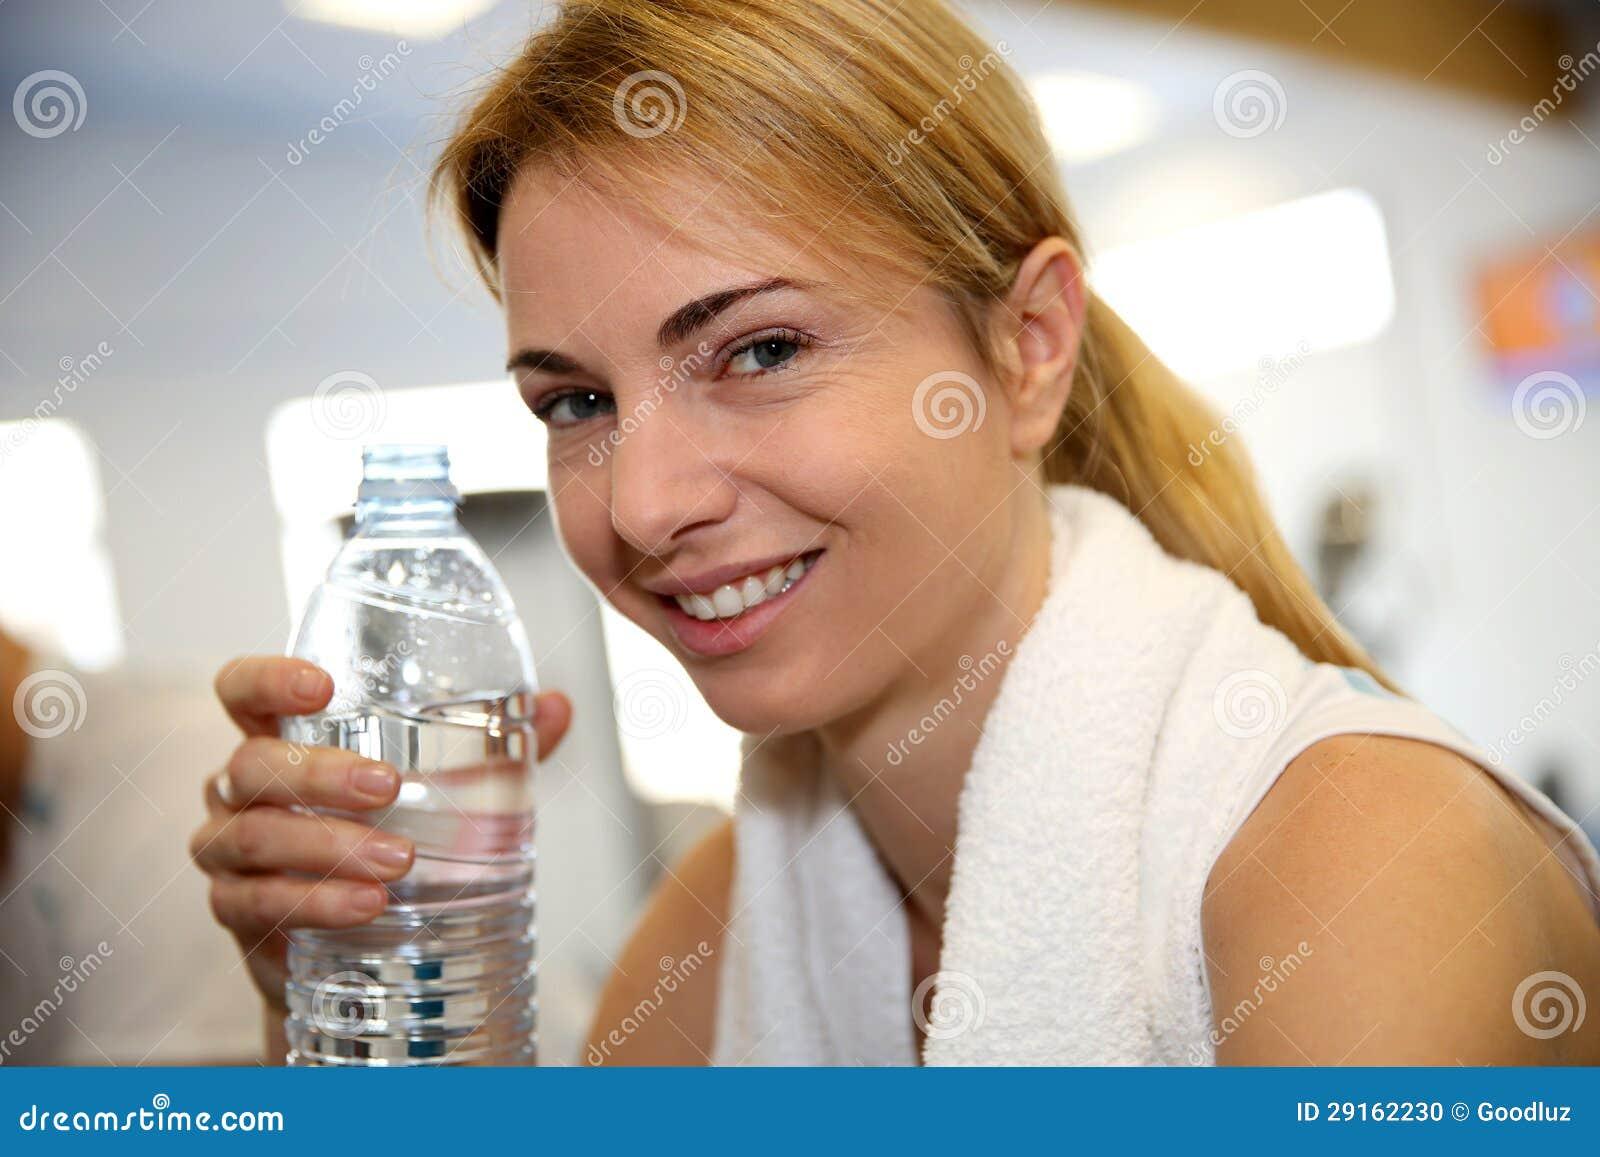 Retrato da mulher no fitness center